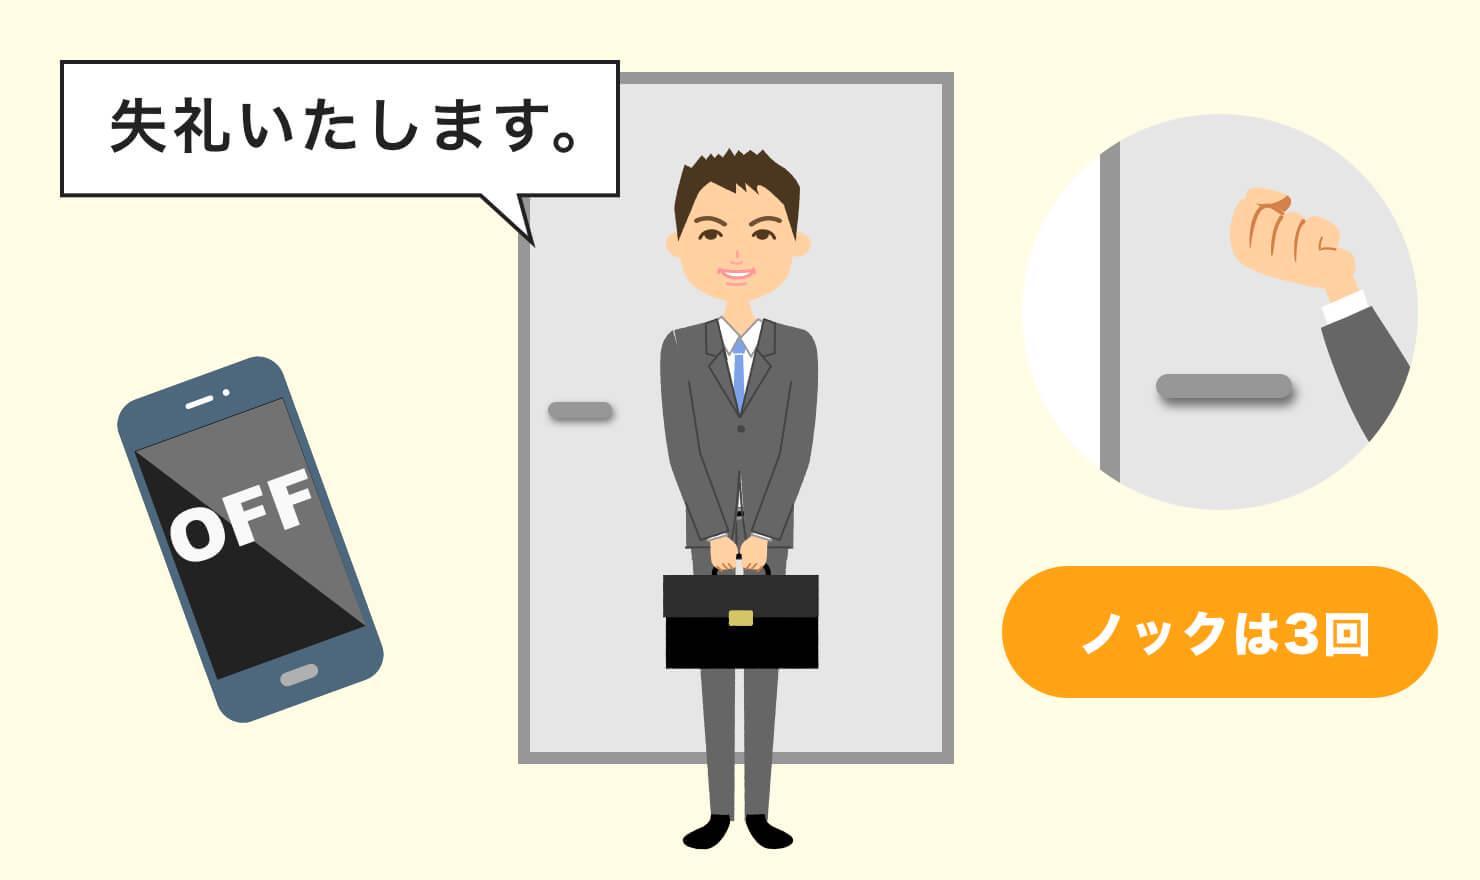 【最初が肝心!】印象アップに繋がる面接時の入室マナー